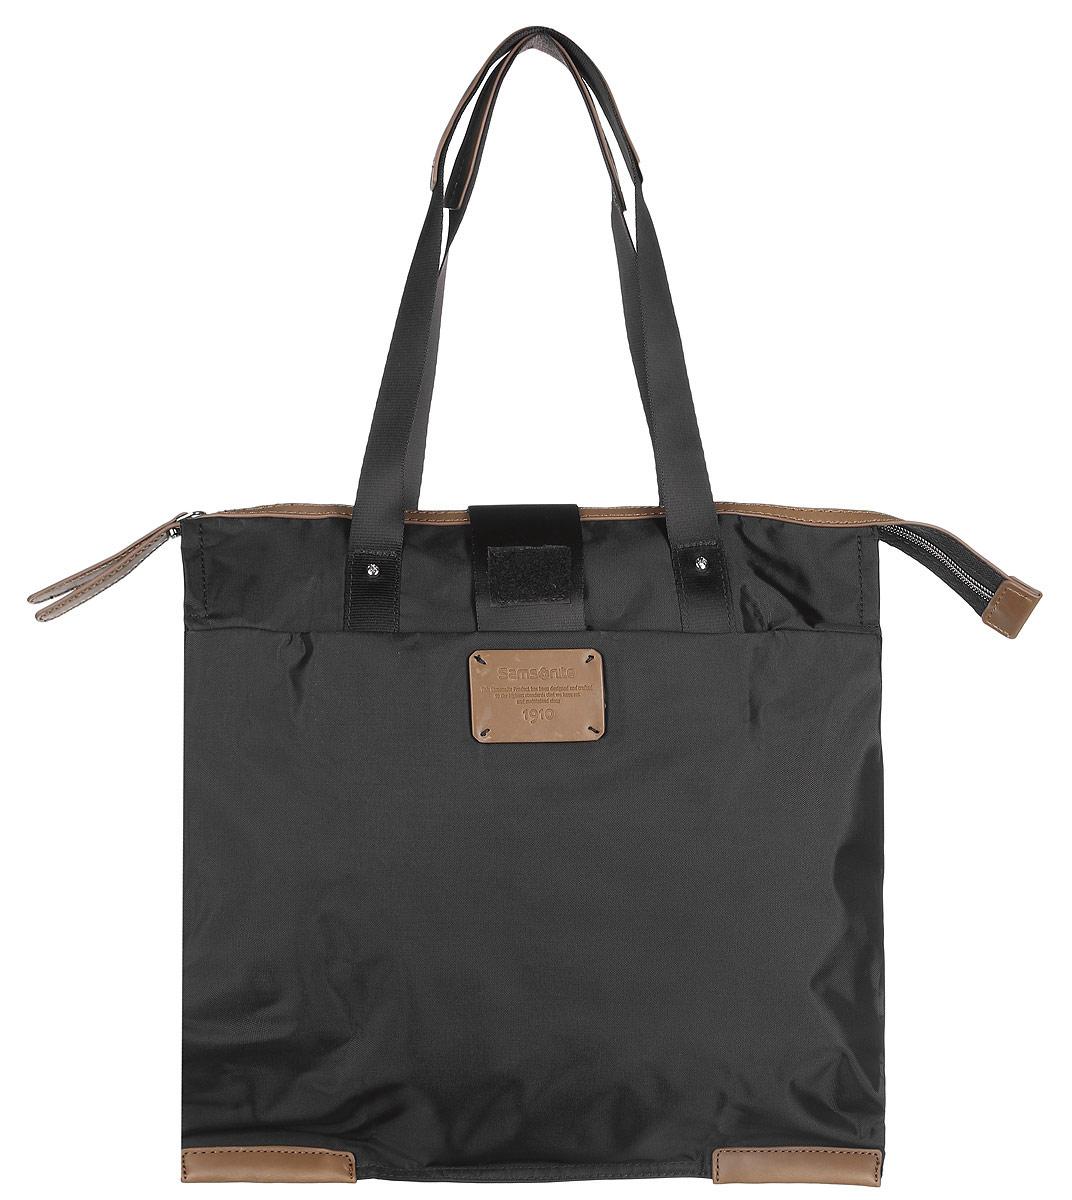 Сумка складная Samsonite, цвет: черный. 52V-0900152V-09001Складная женская сумка Samsonite выполнена из полиамида с добавлением полиуретана и оформлена контрастными вставками и нашивкой логотипа бренда. Изделие содержит одно вместительное отделение, закрывающееся на застежку-молнию. На внешней стороне сумки есть прорезной открытый карман. Сумка оснащена двумя удобными ручками, высота которых позволяет носить сумку как в руке, так и на плече. Сумка не имеет жесткой структуры, за счет чего быстро складывается и фиксируется хлястиком с липучкой и не занимает много места. Такая сумка будет удобна в хранении и в использовании.